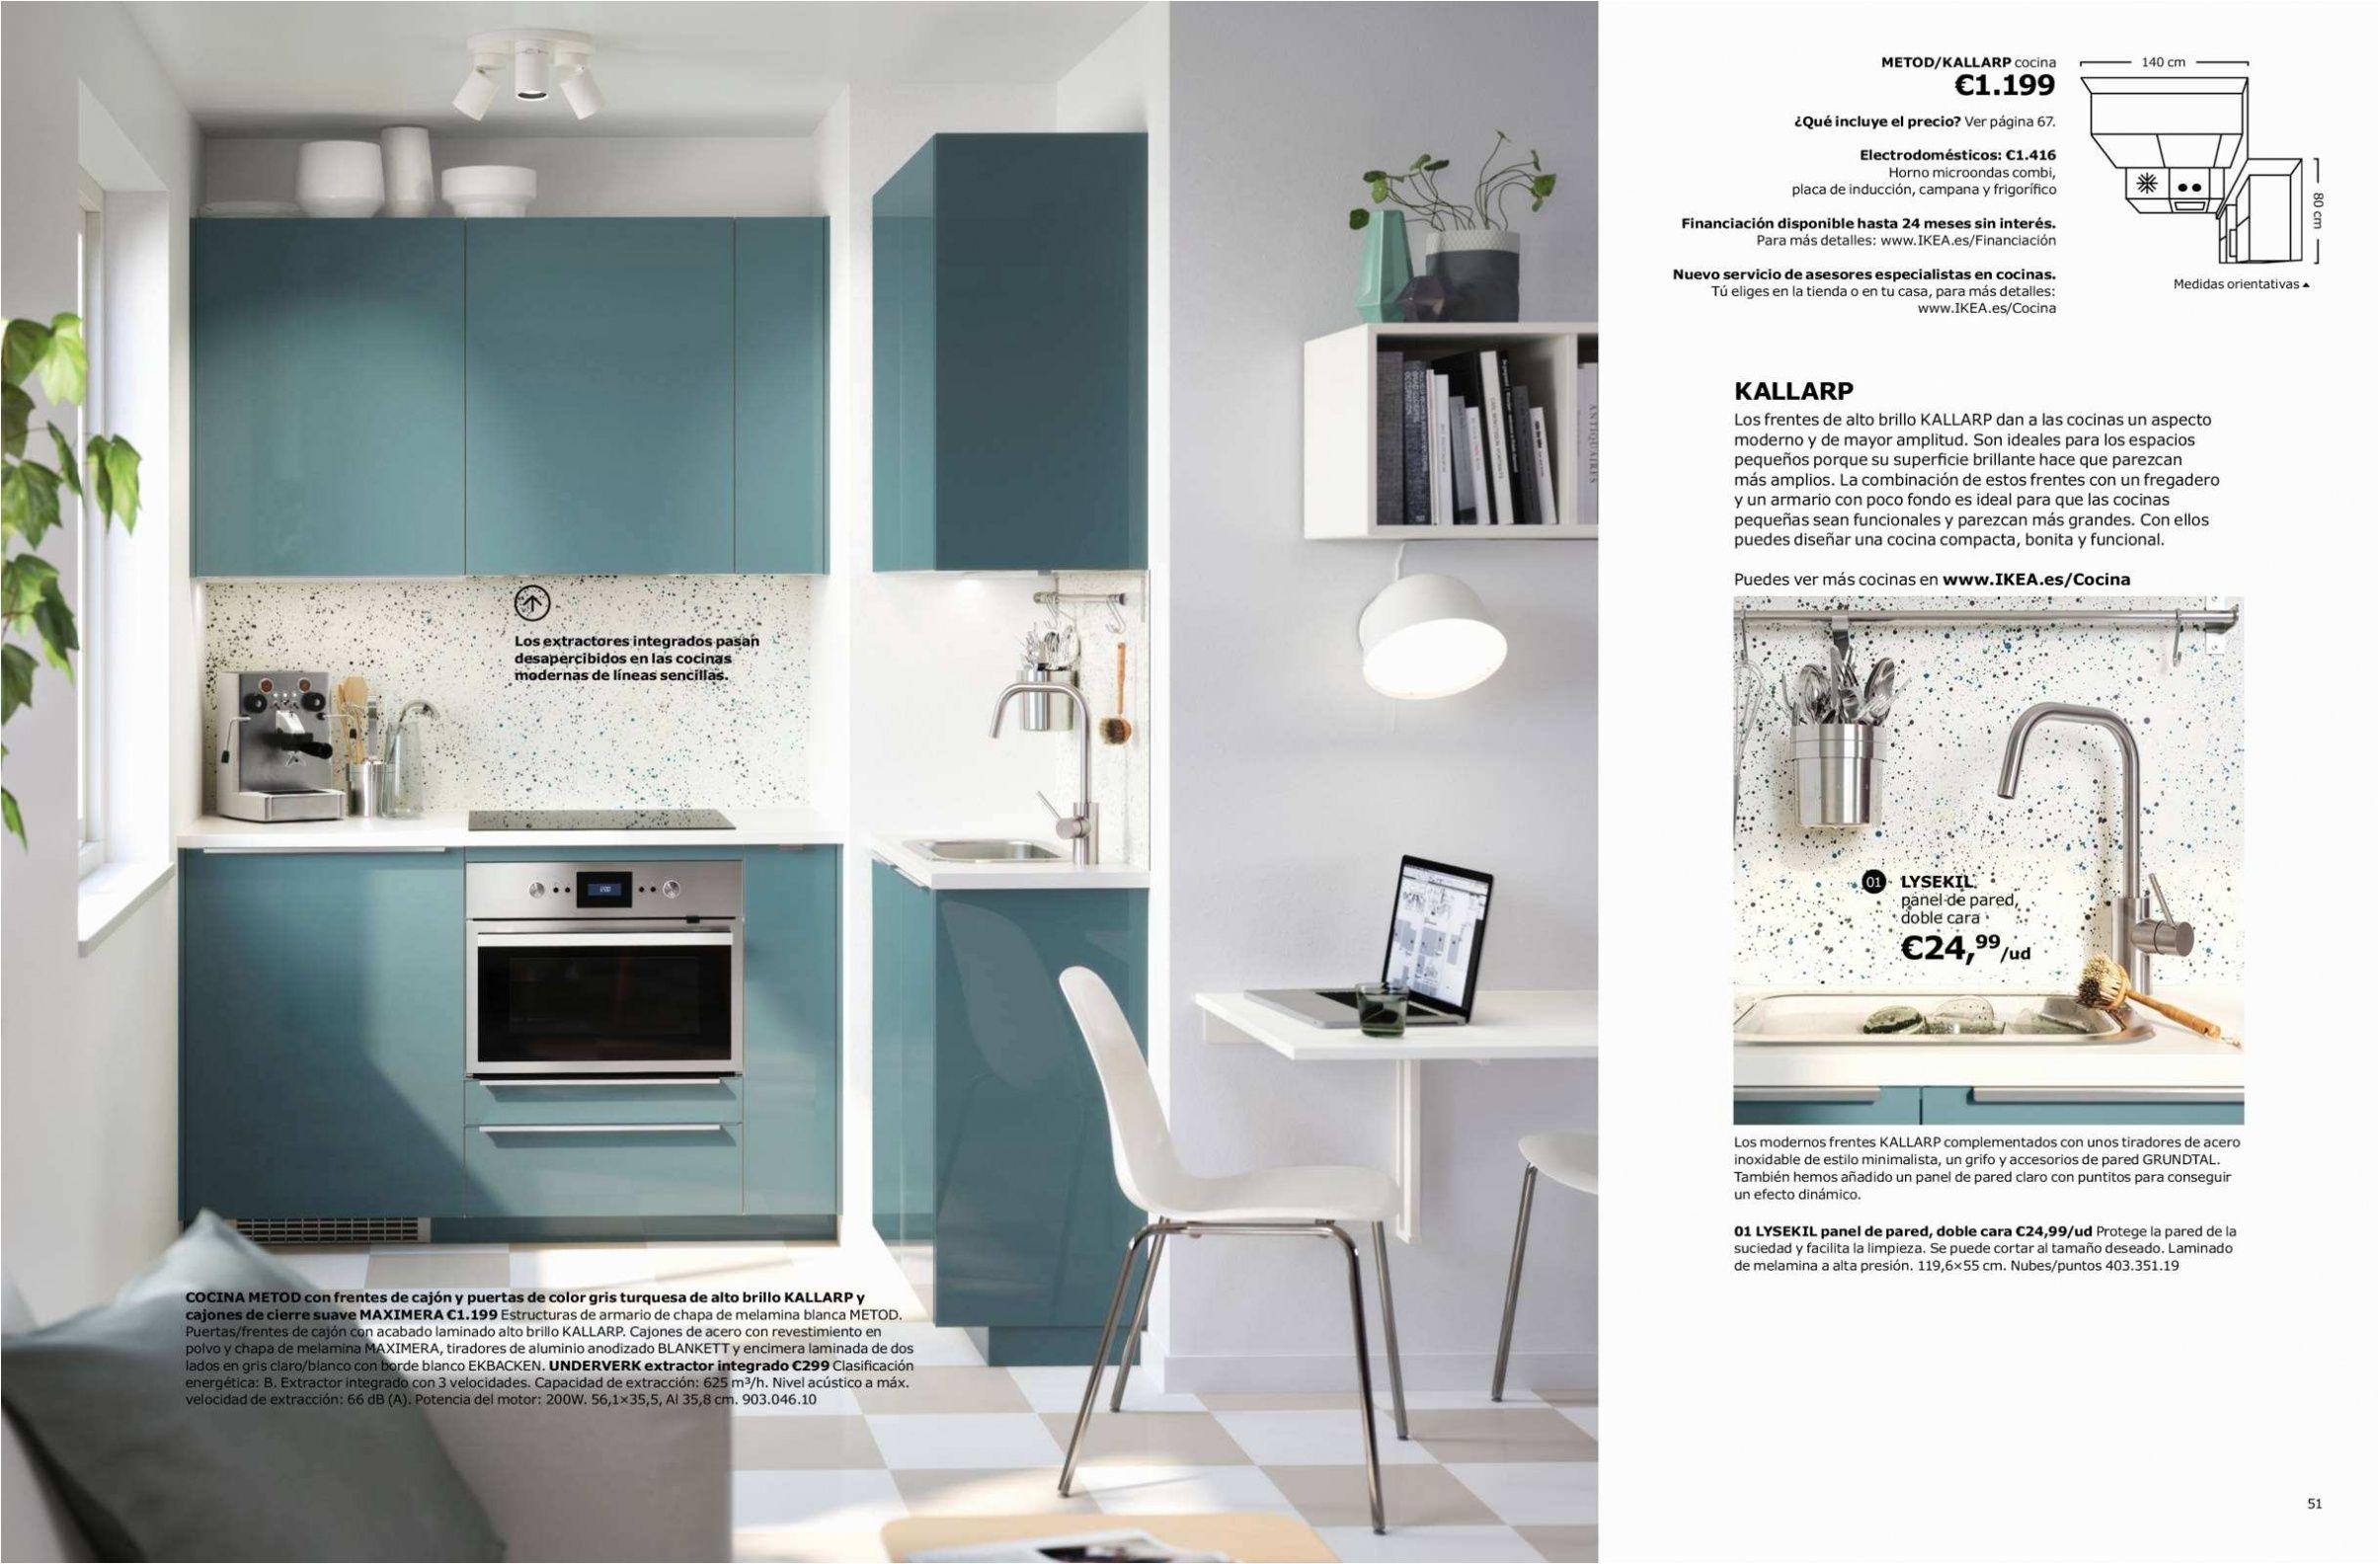 30 Impresionante Muebles De Cocina Por Modulos - muebles de cocina ...